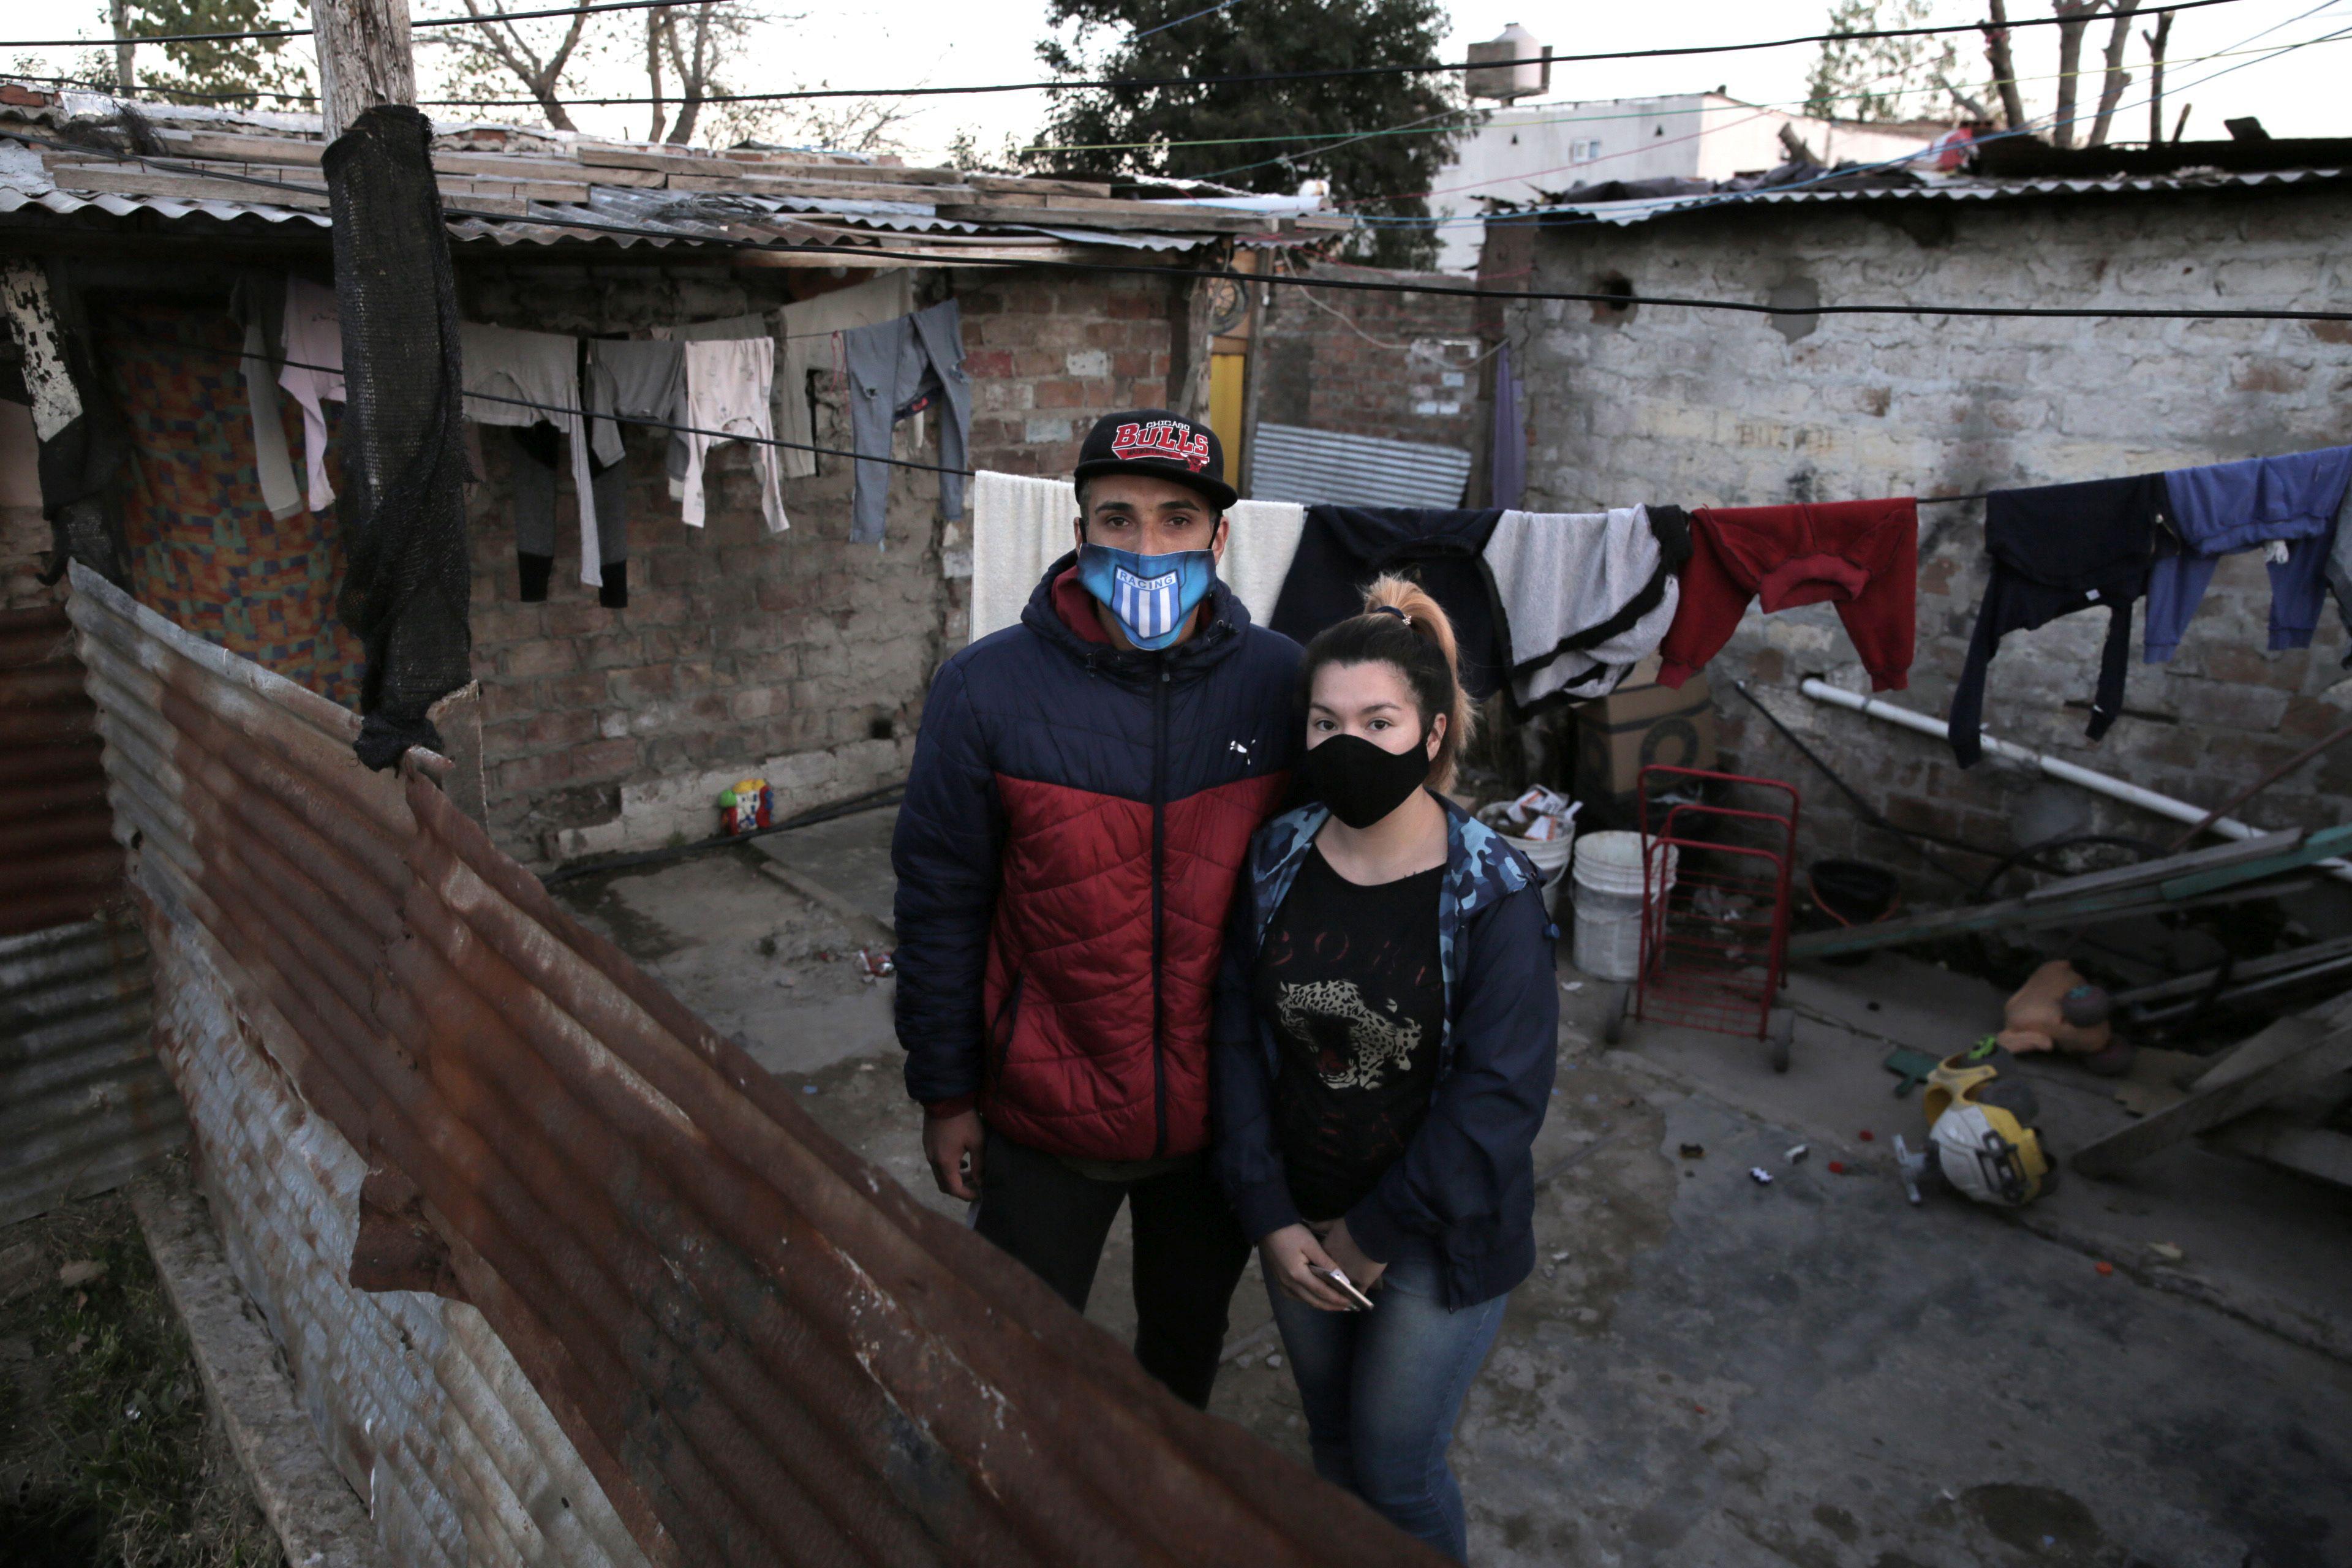 Primera mención, Pandemia en barrios vulnerables, Rodrigo Caballero